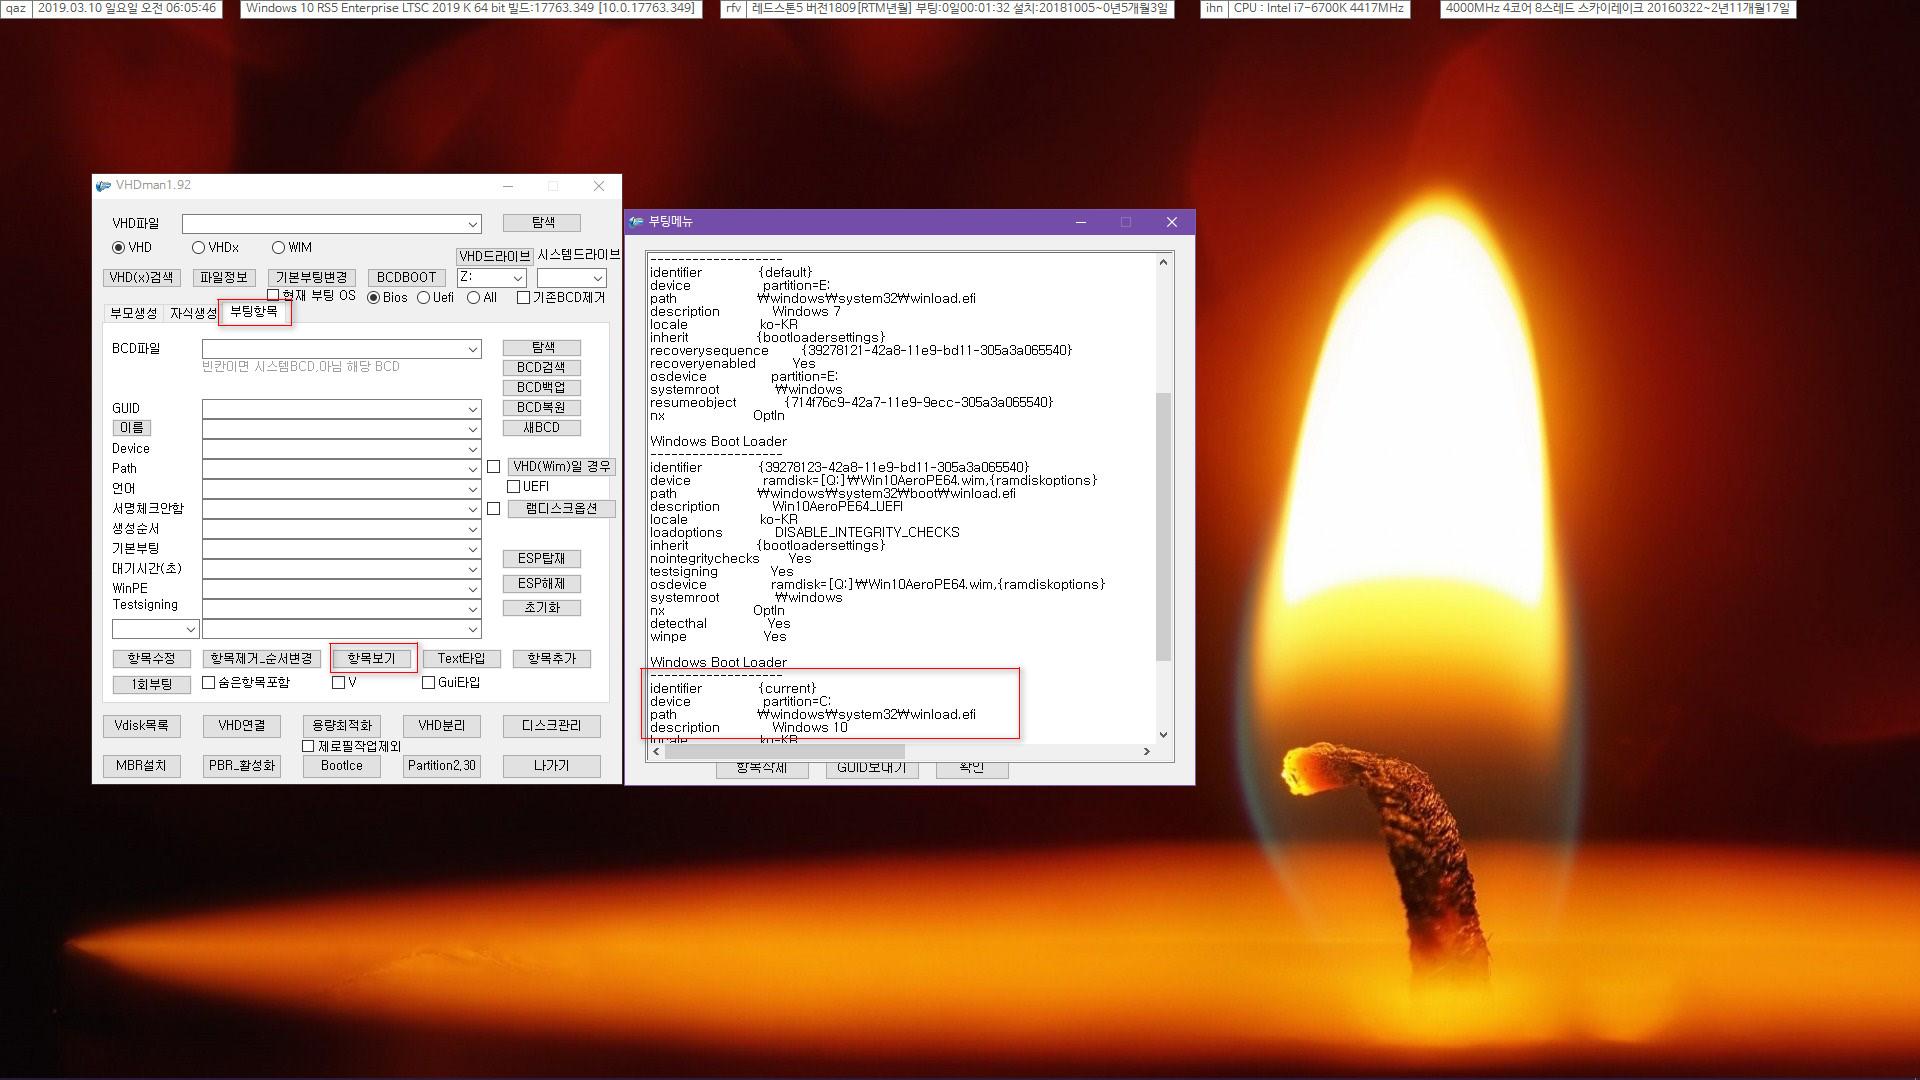 윈도의 bootmgr 낮은 버전으로 상위 윈도와 상위 PE 부팅 가능한지 테스트 - UEFI 모드 - 결과, 무결성 검사하지 않아도 0xc000000e 에러나고, 윈도10 에서도 버전이 낮은 bootmgr은 상위 윈도10 부팅 못 함 2019-03-10_060546.jpg